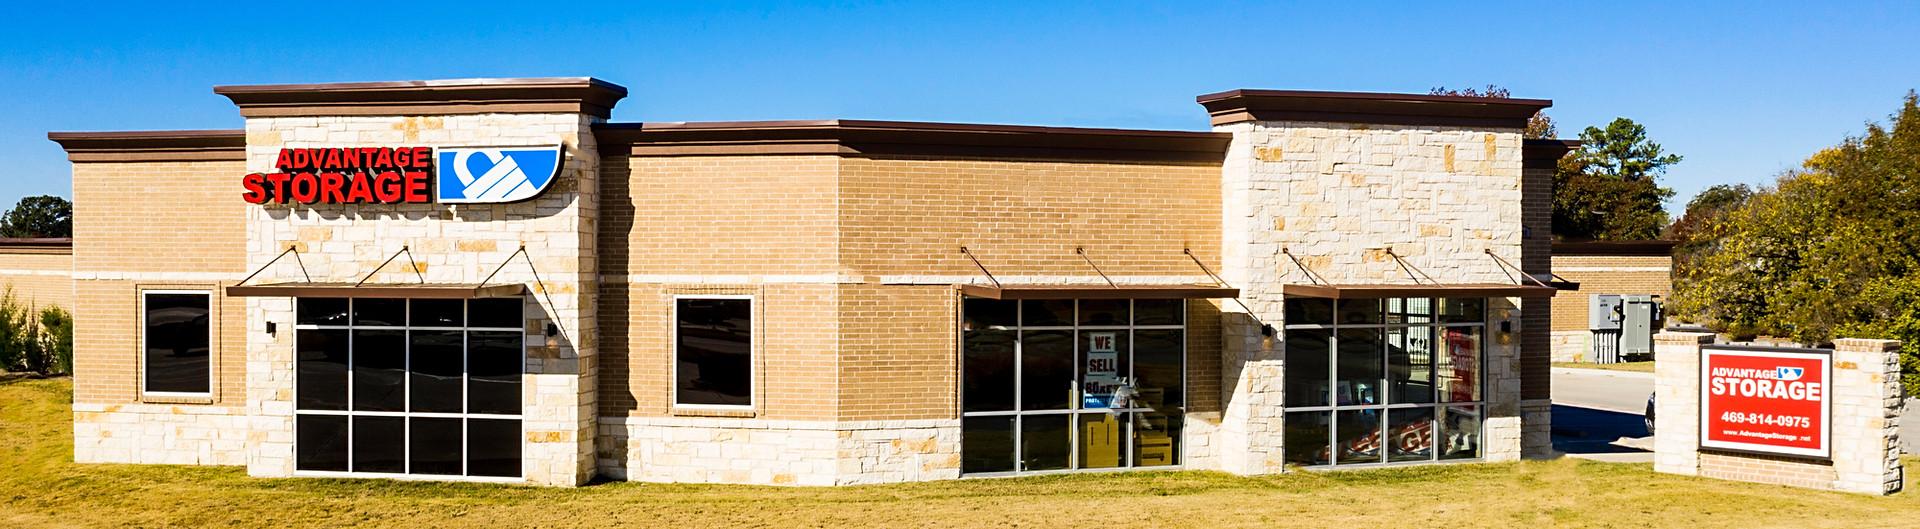 Storage, Wylie, Texas